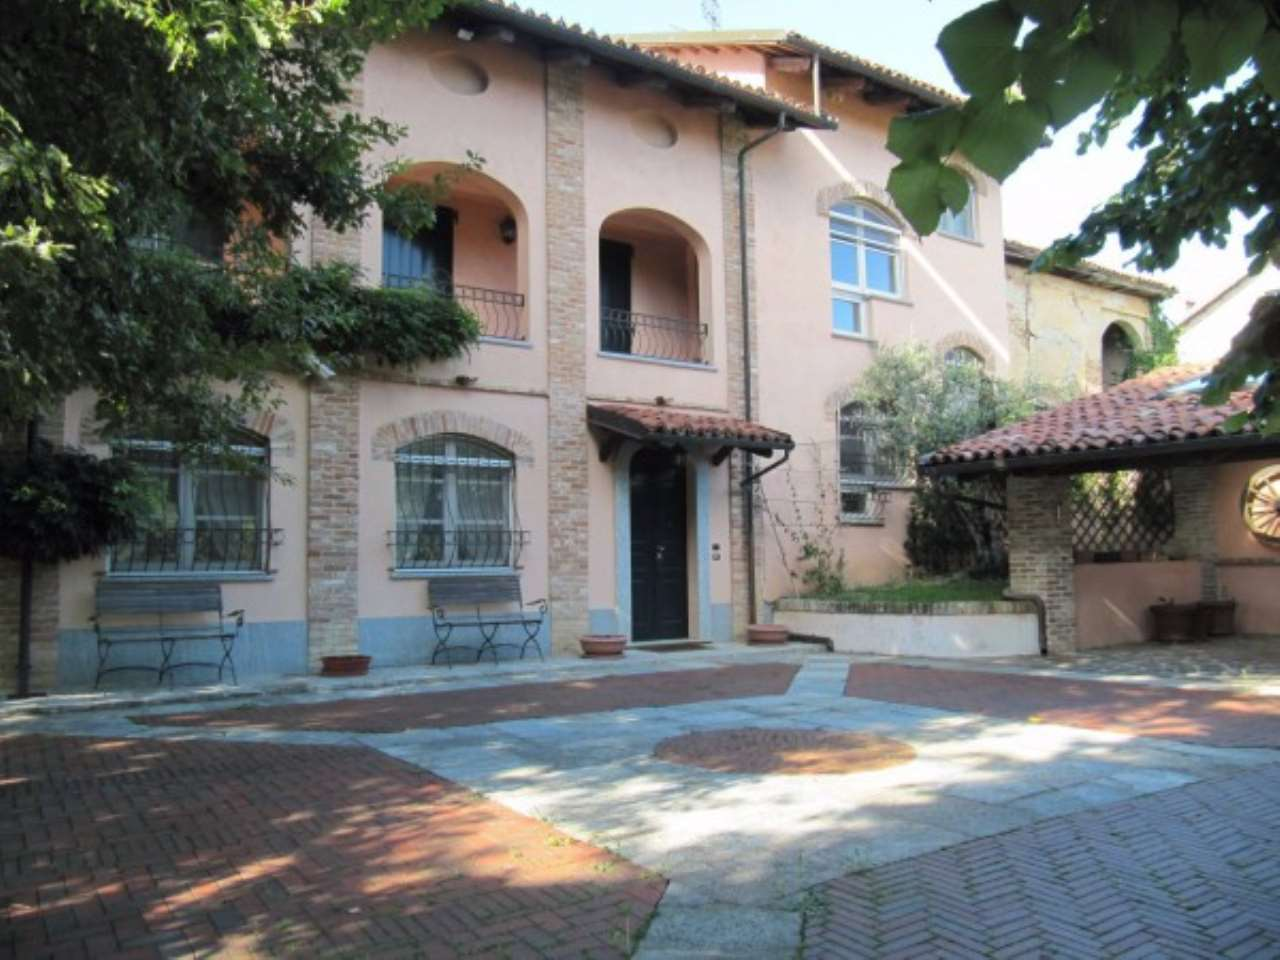 Rustico / Casale in vendita a La Morra, 6 locali, prezzo € 700.000 | Cambio Casa.it